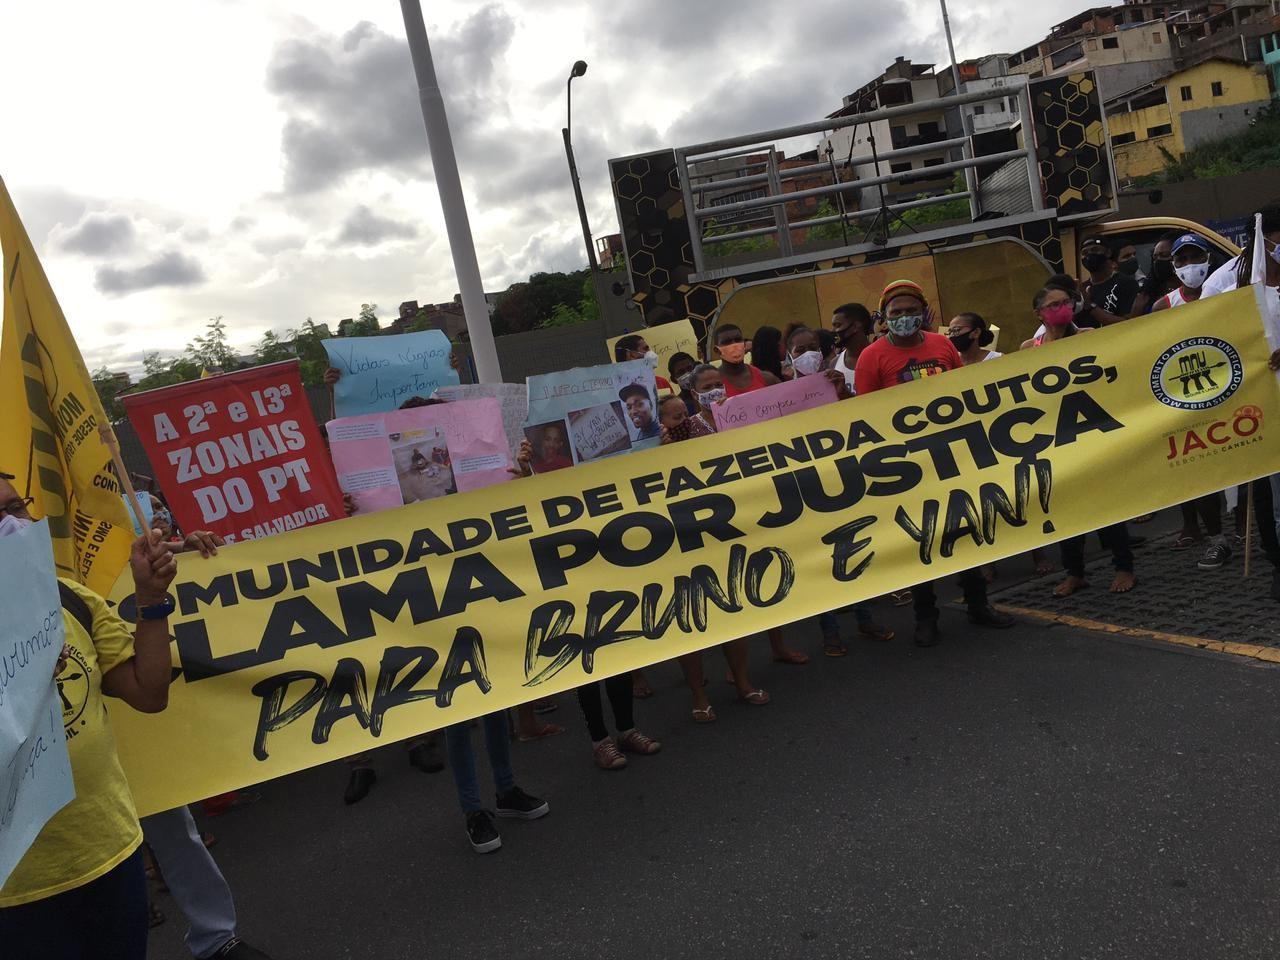 Grupo faz protesto em supermercado da rede Atakarejo por causa de tio e sobrinho mortos após furtarem carne na Bahia